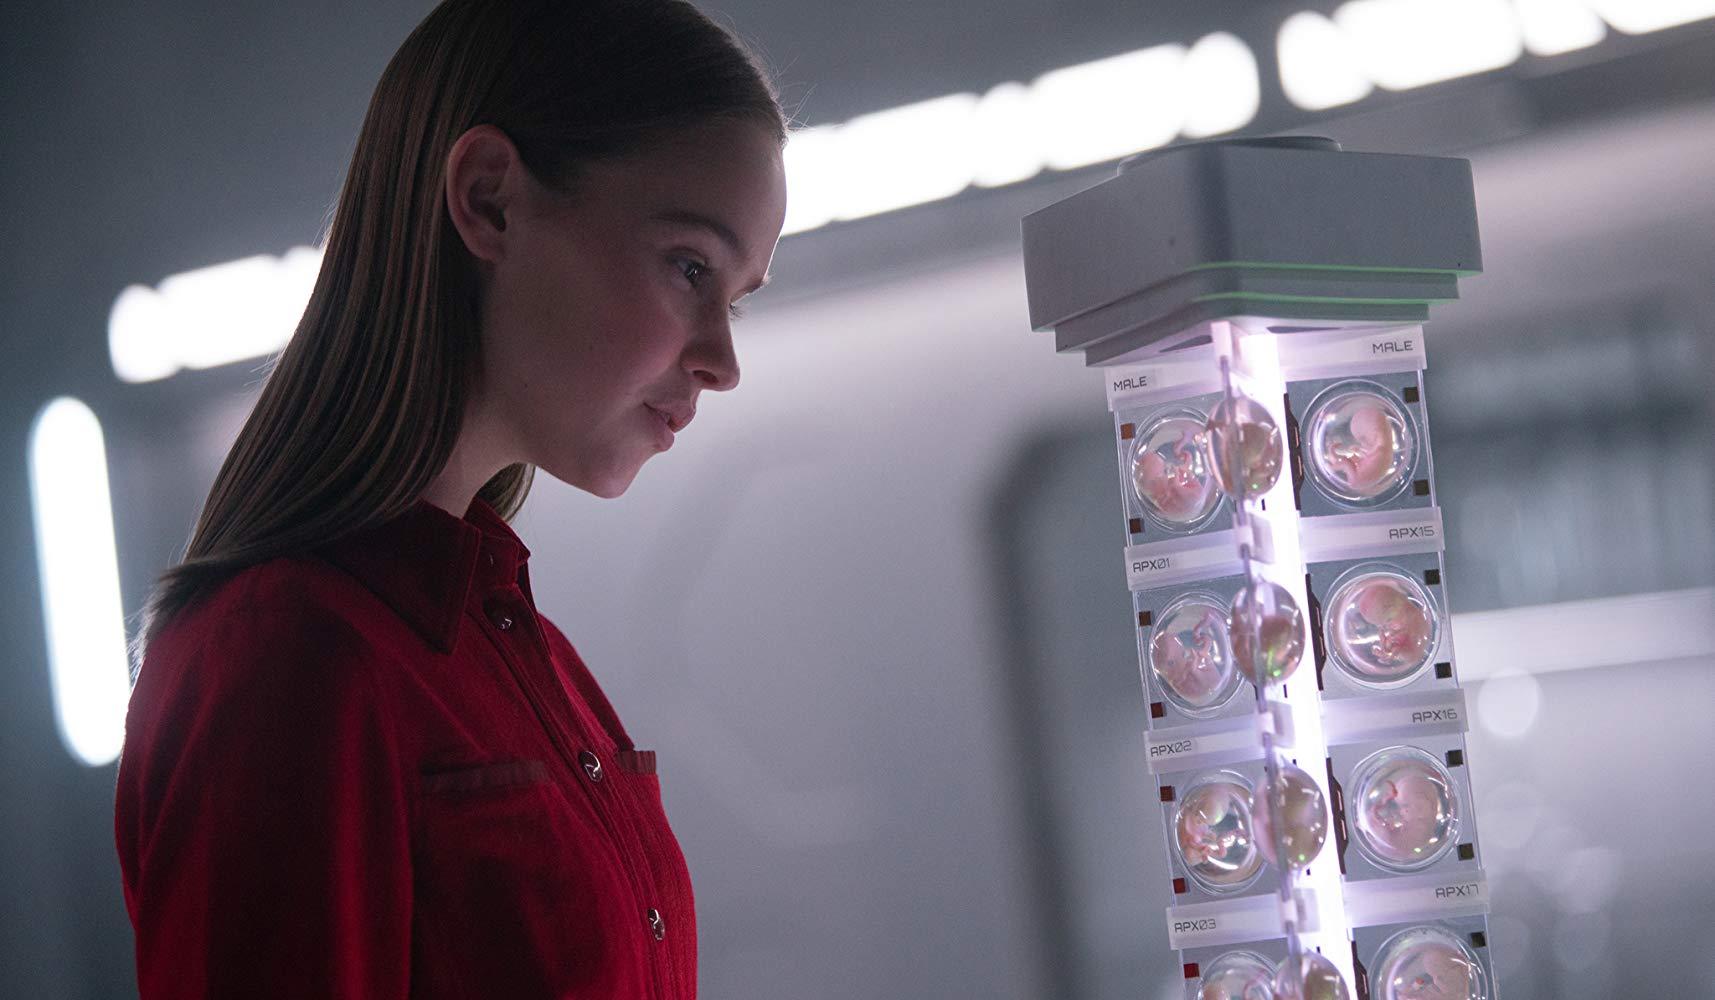 【有雷】《AI終結戰》誰才是真正的母親?「好人」和「壞人」又怎麼定義?